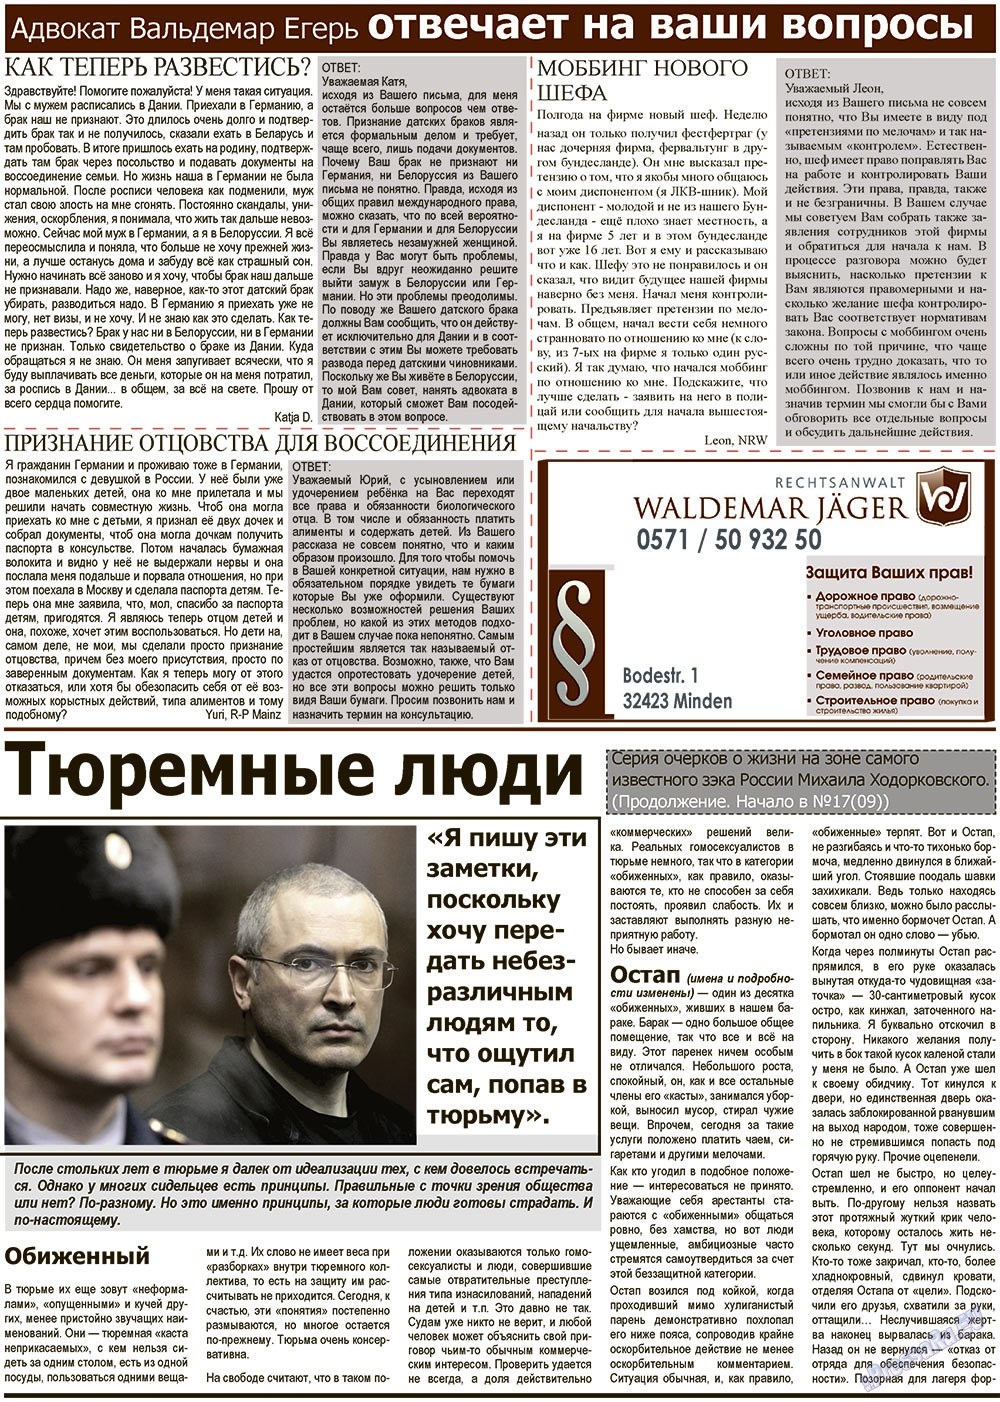 Все pro все (газета). 2012 год, номер 18, стр. 6